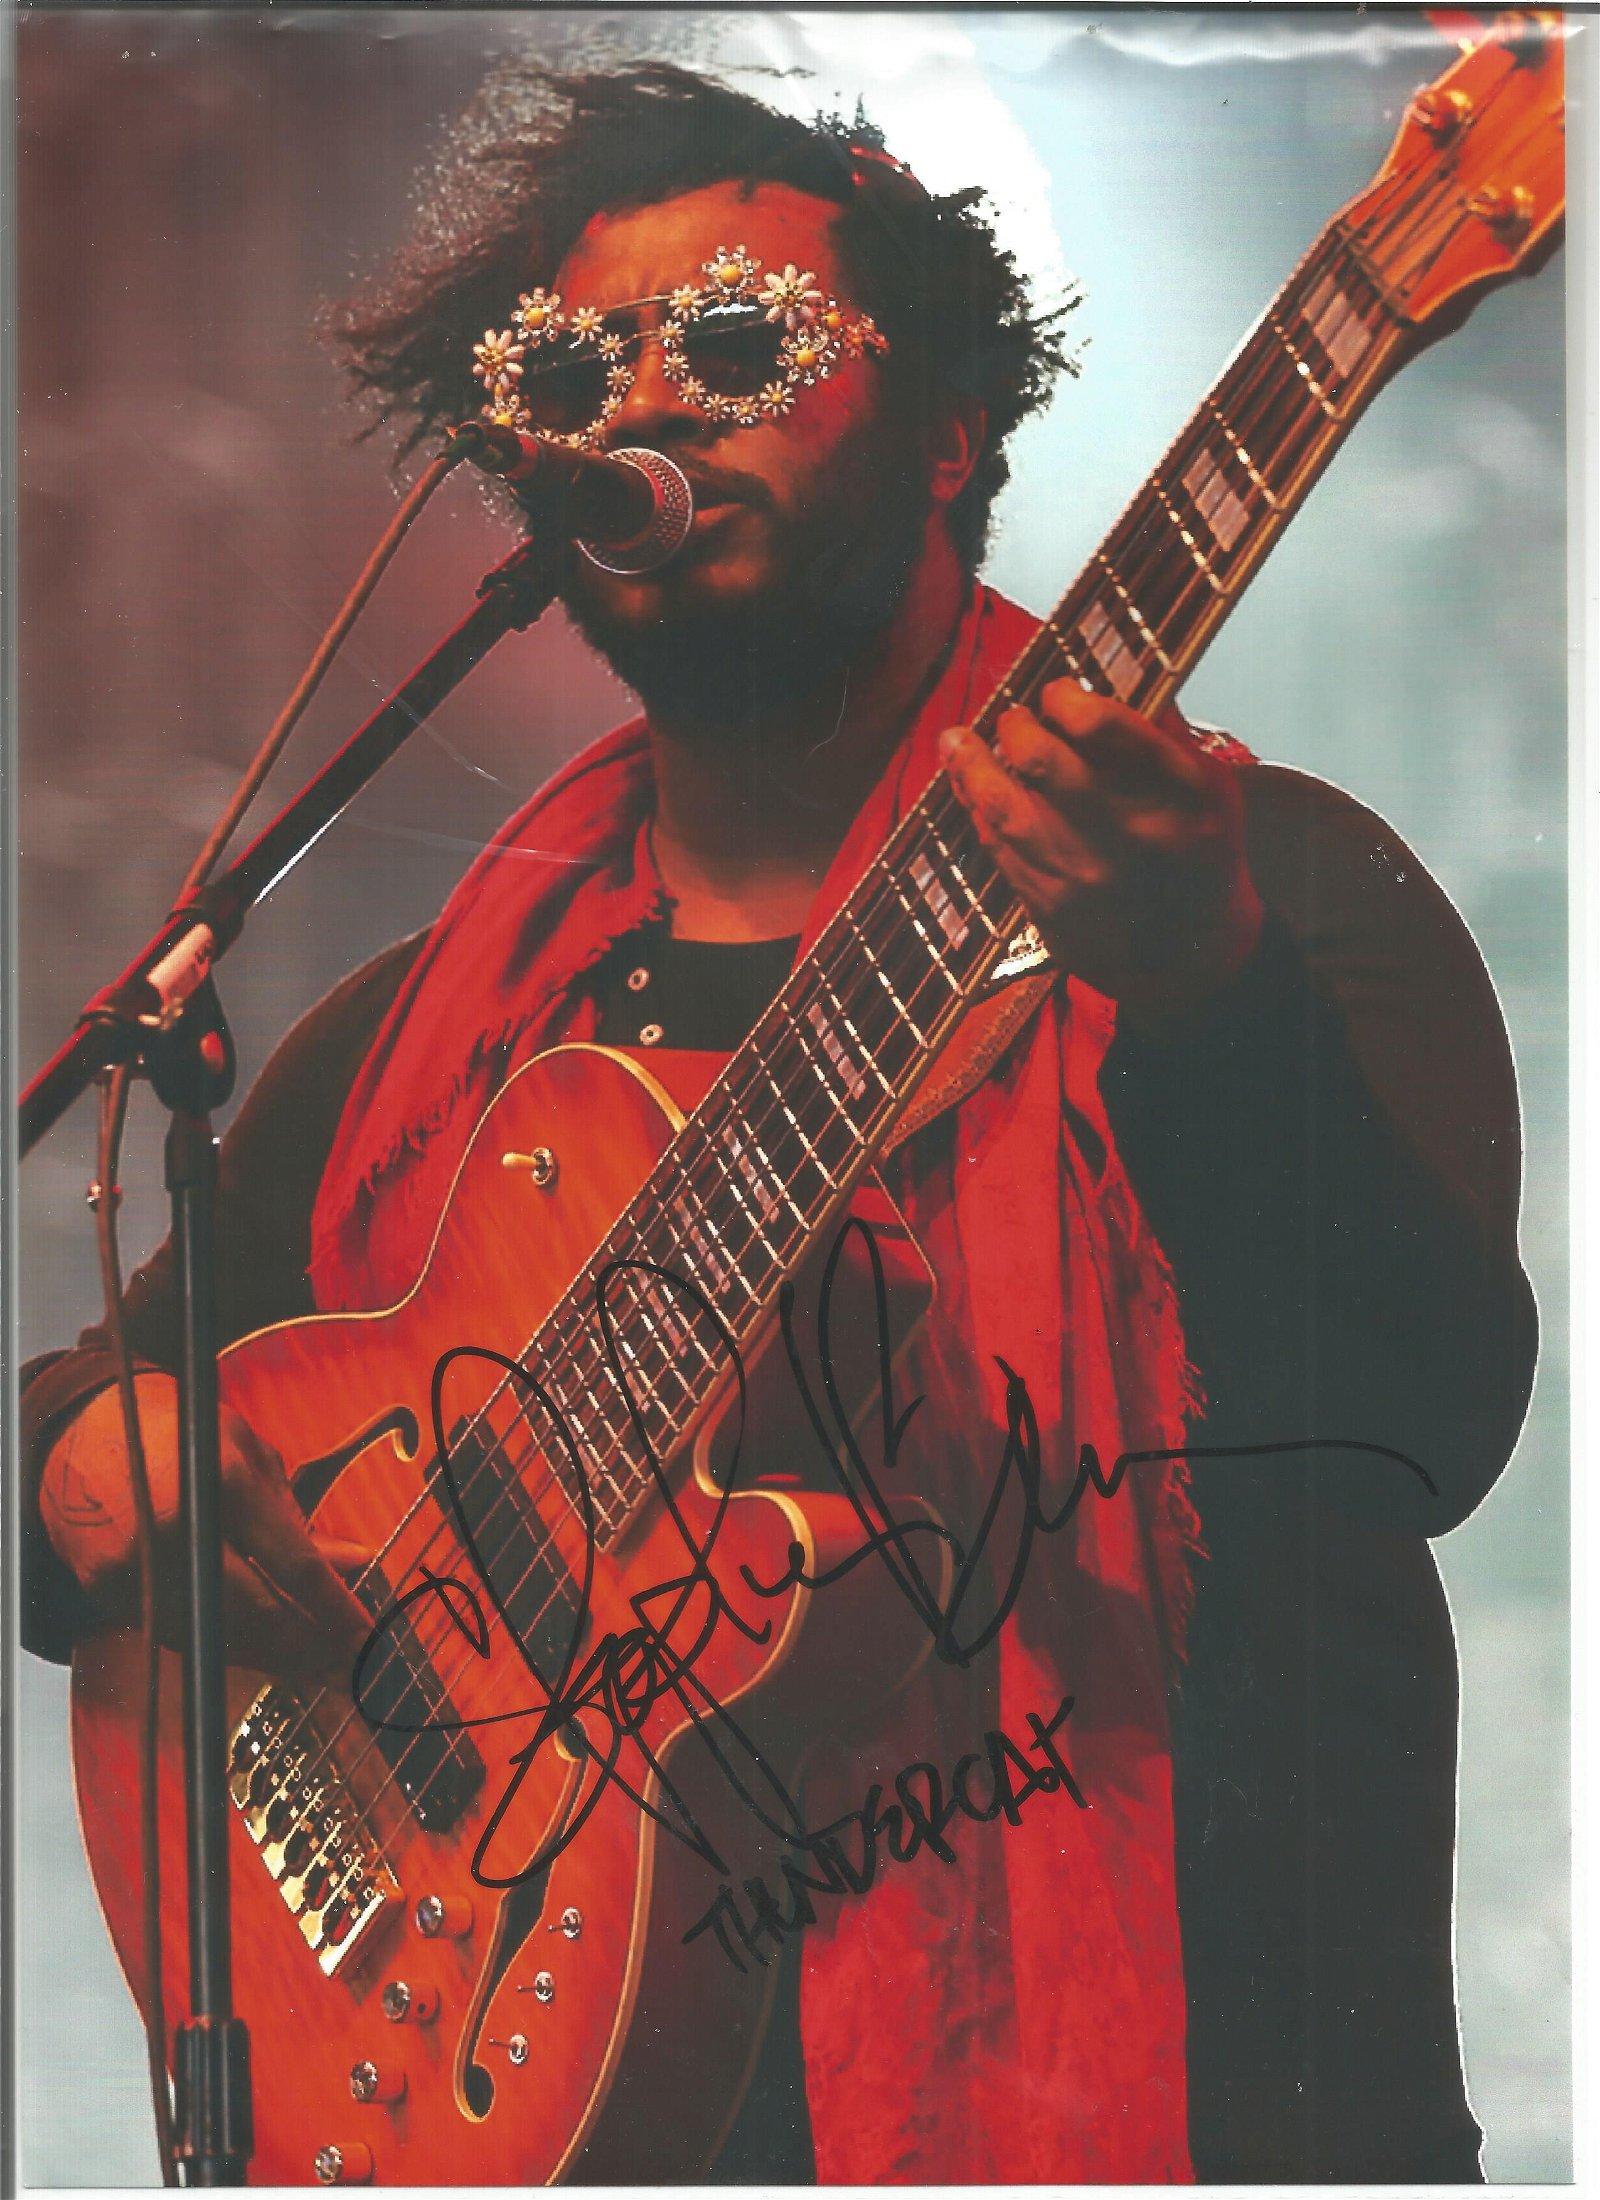 Thundercat Aka Stephen Bruner Singer Signed 8x12 Photo